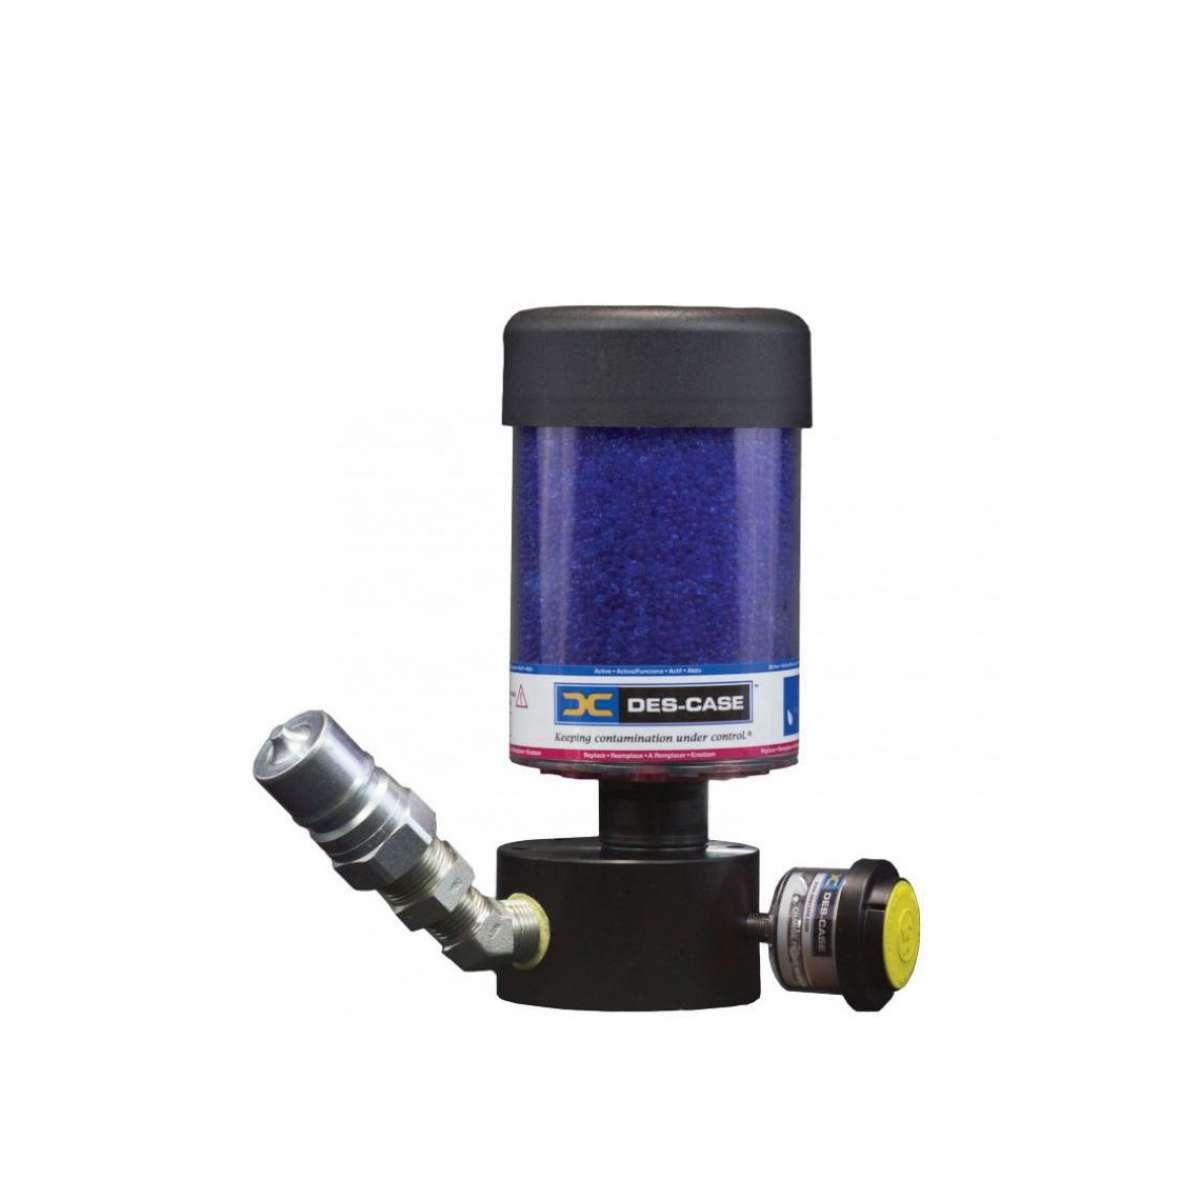 Custom Hydraulic Adapter - Black